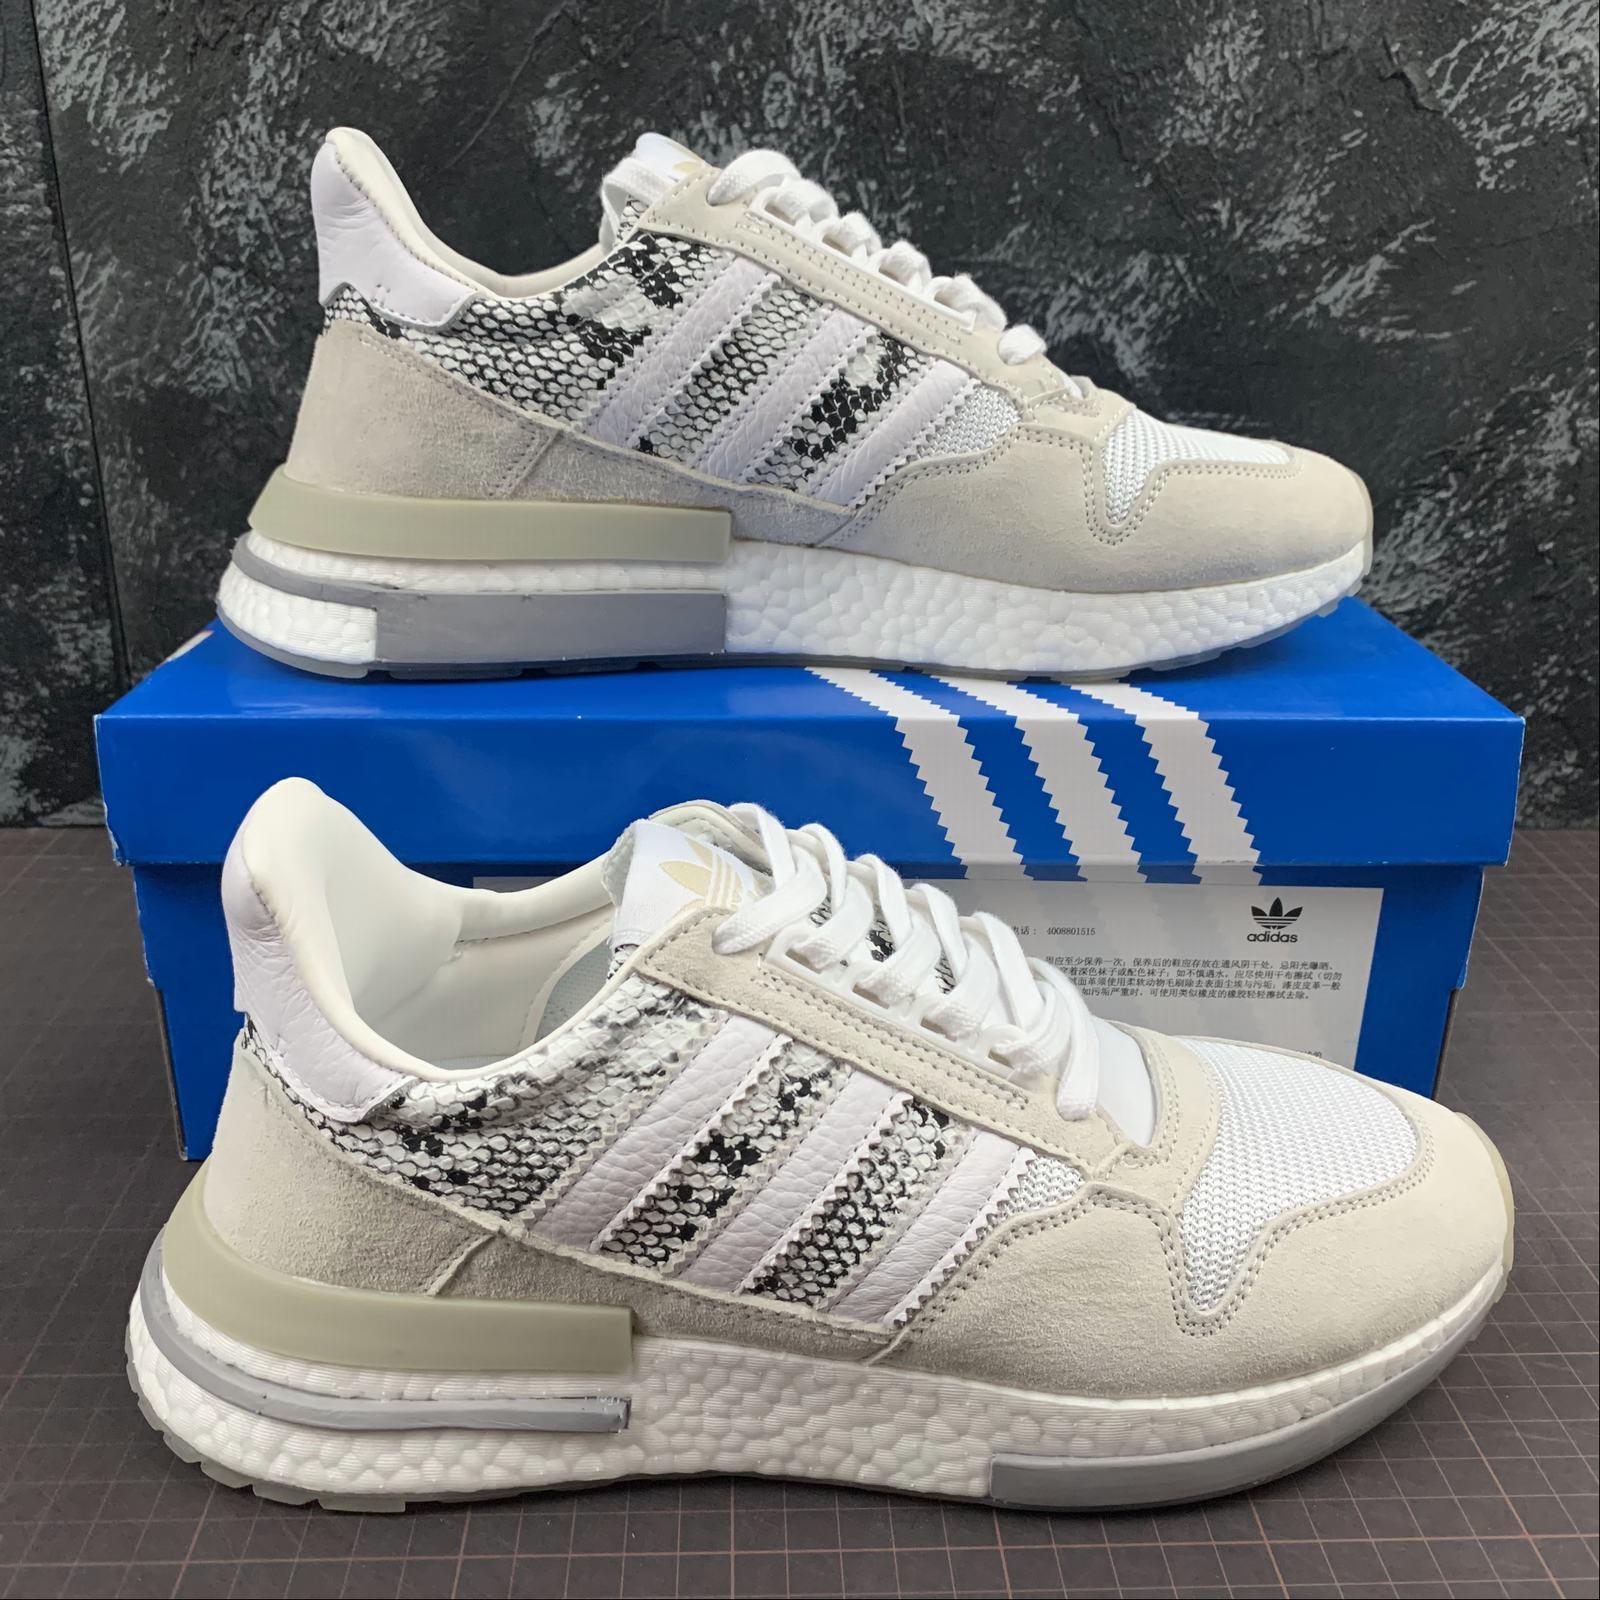 giay-sneaker-adidas-zx500-rm-bd7873